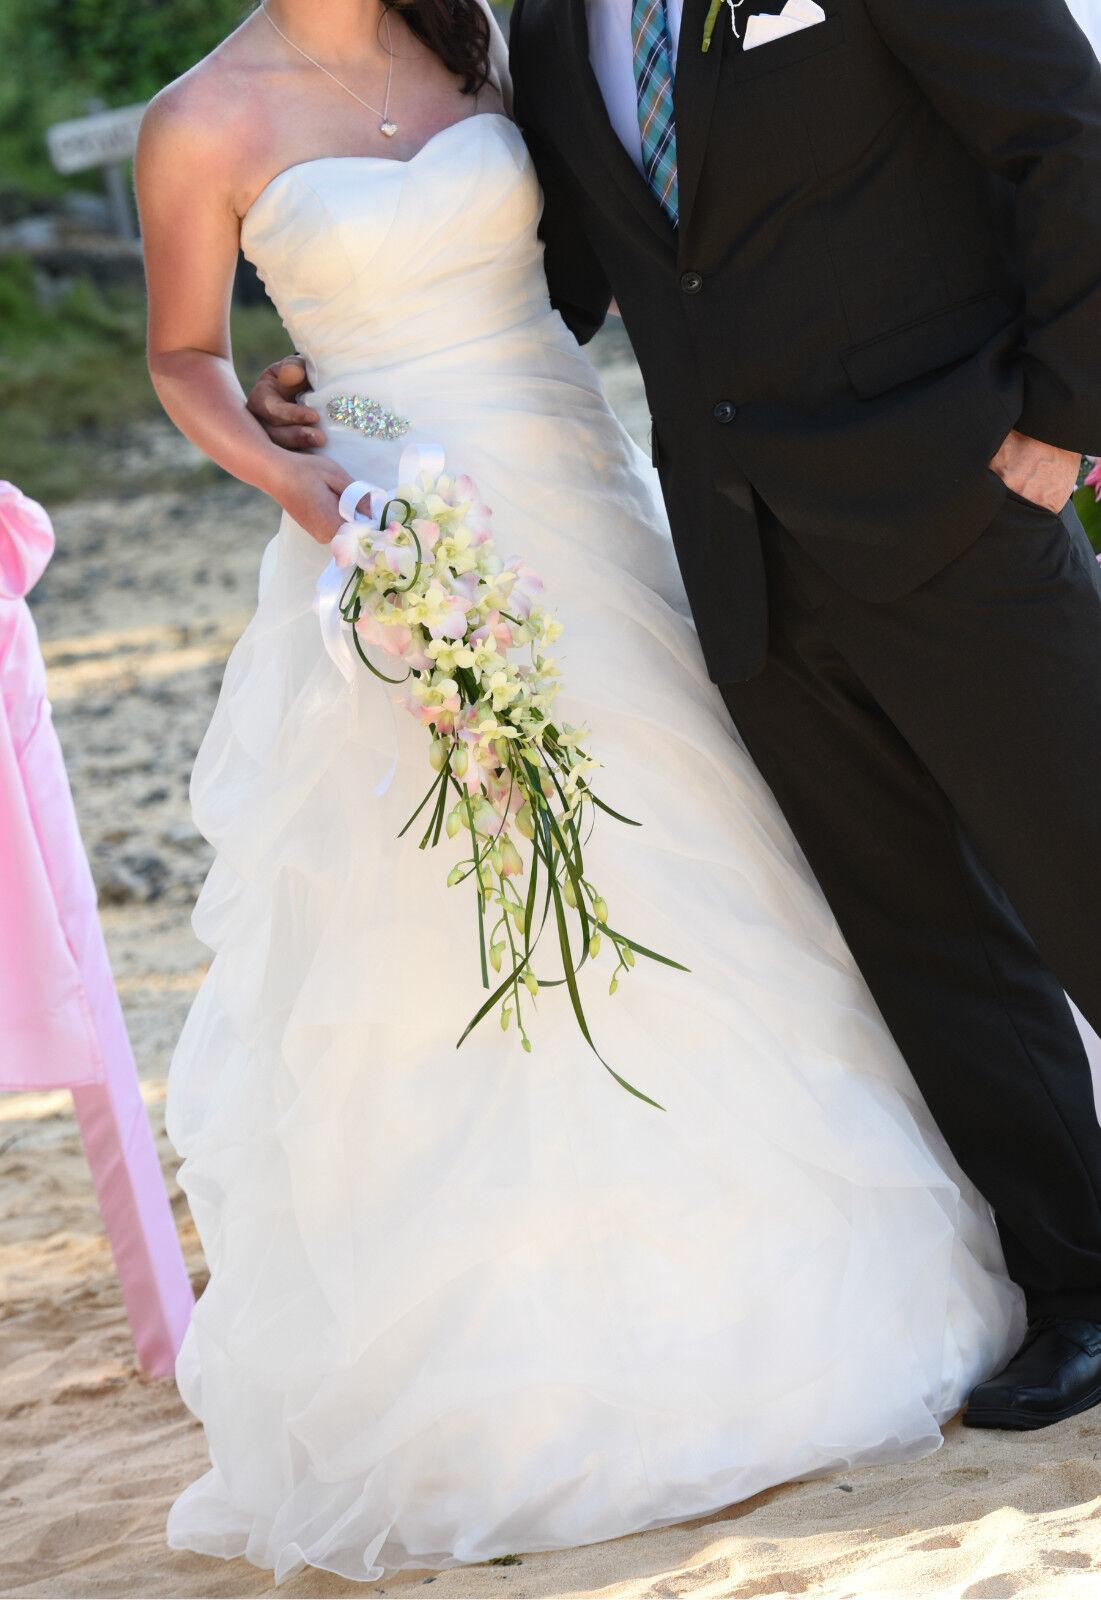 Brautkleid - Marke  Fuchs  - - - Größe 36 38  | Verschiedene Stile und Stile  | Verbraucher zuerst  | New Style  97e229